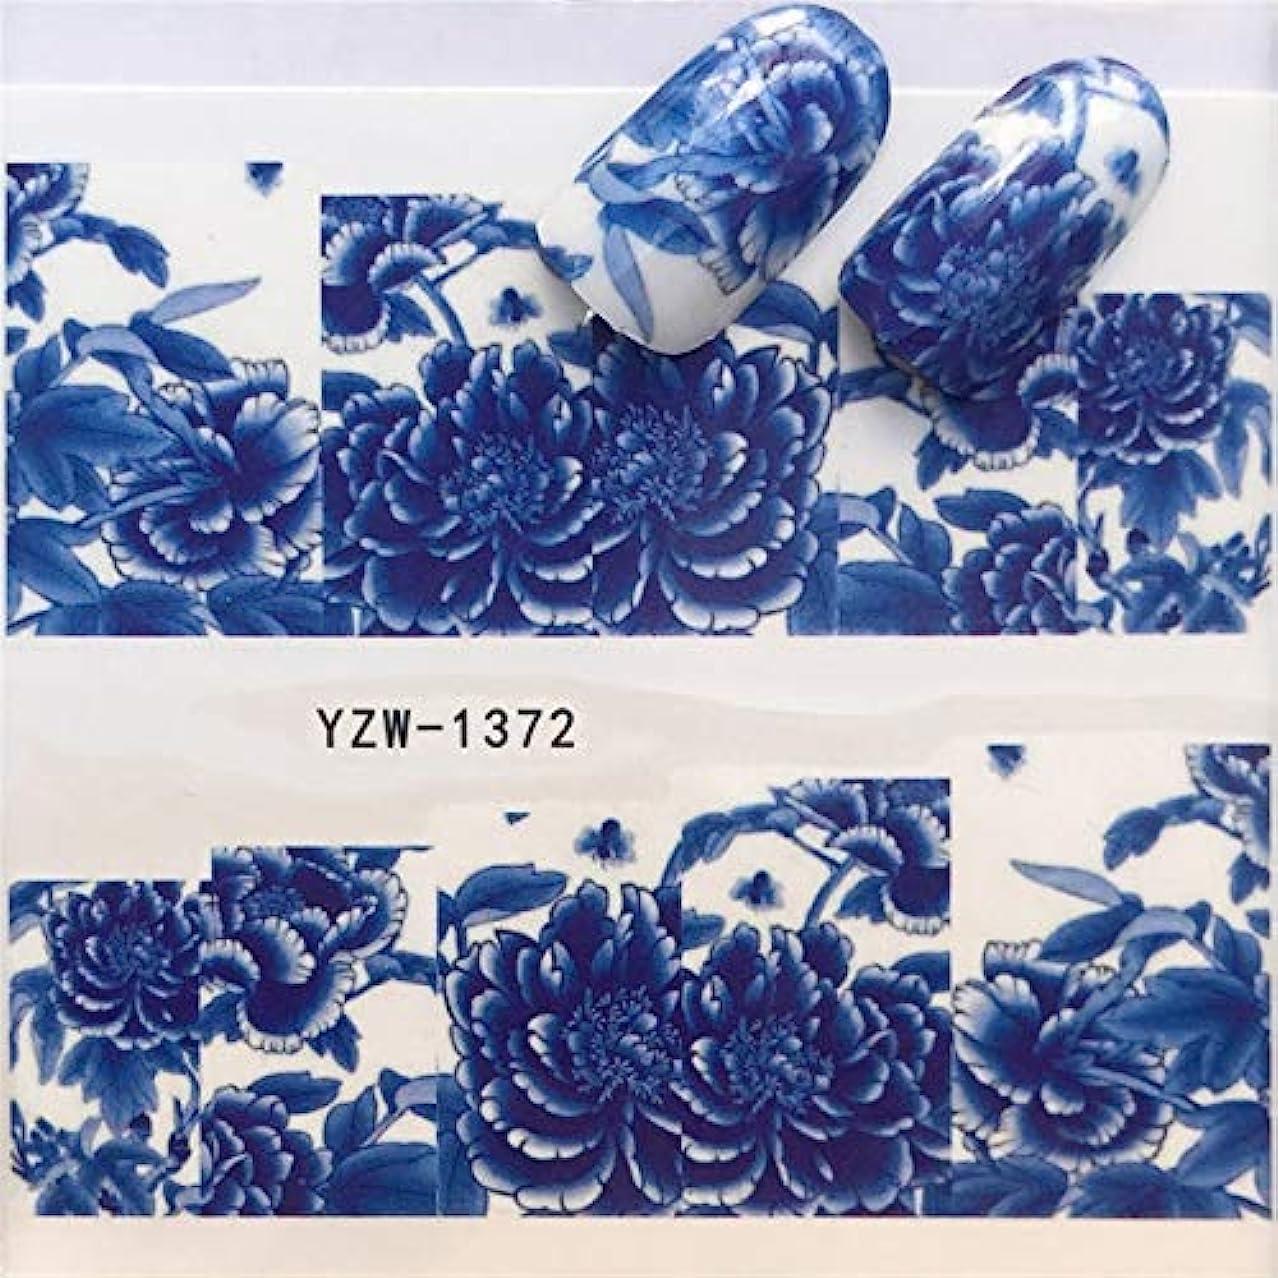 神秘比較的船手足ビューティーケア 3個ネイルステッカーセットデカール水転写スライダーネイルアートデコレーション、色:YZW 1372